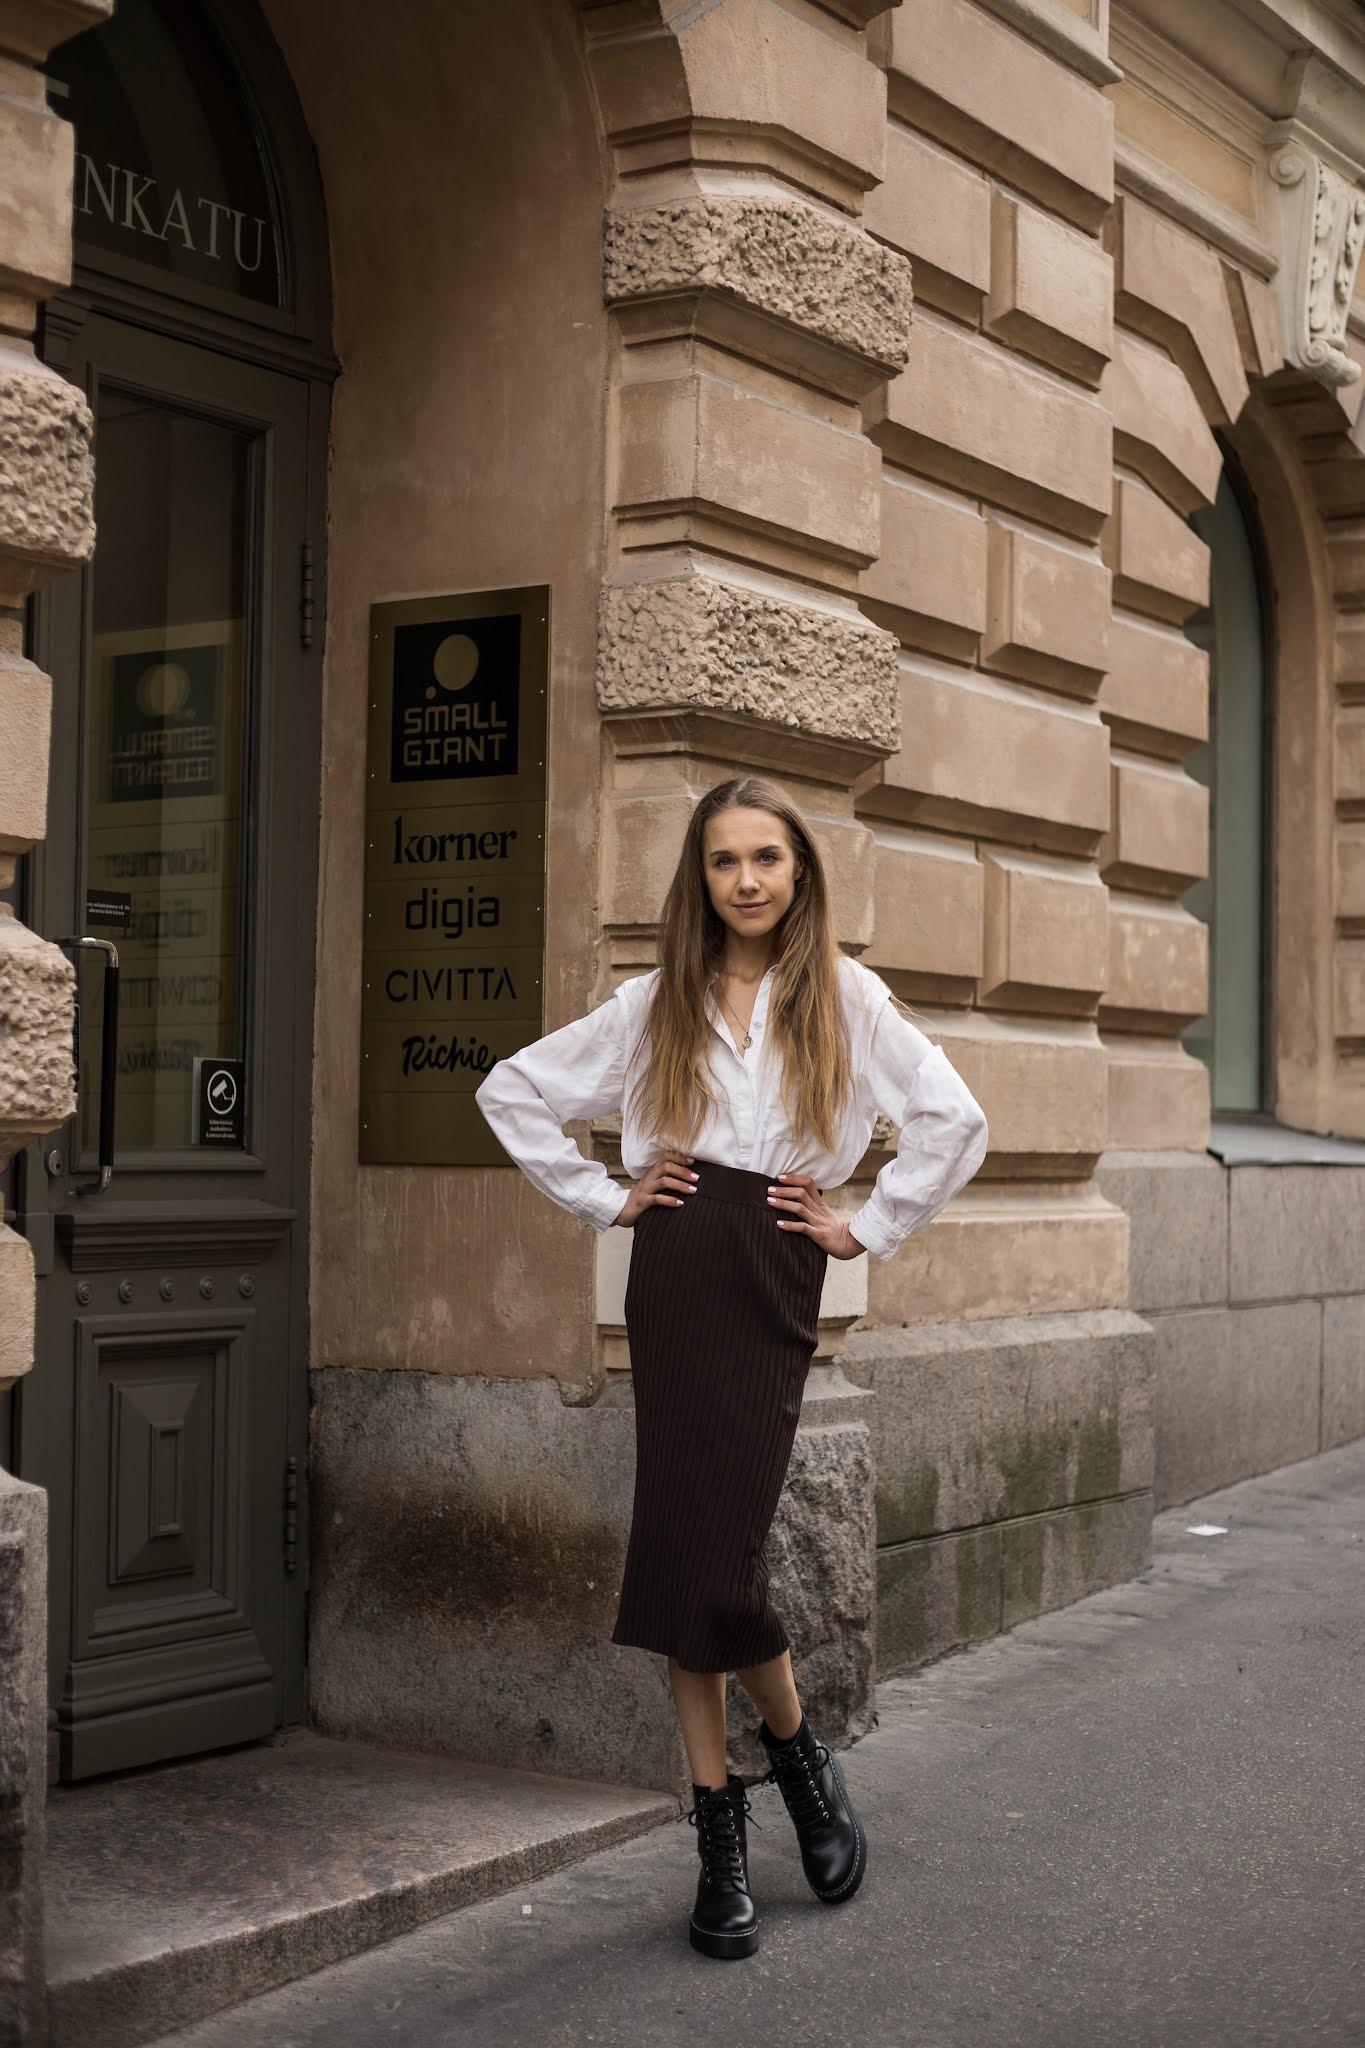 Vanhanaikaiset pukeutumissäännöt // Old-fashioned style rules